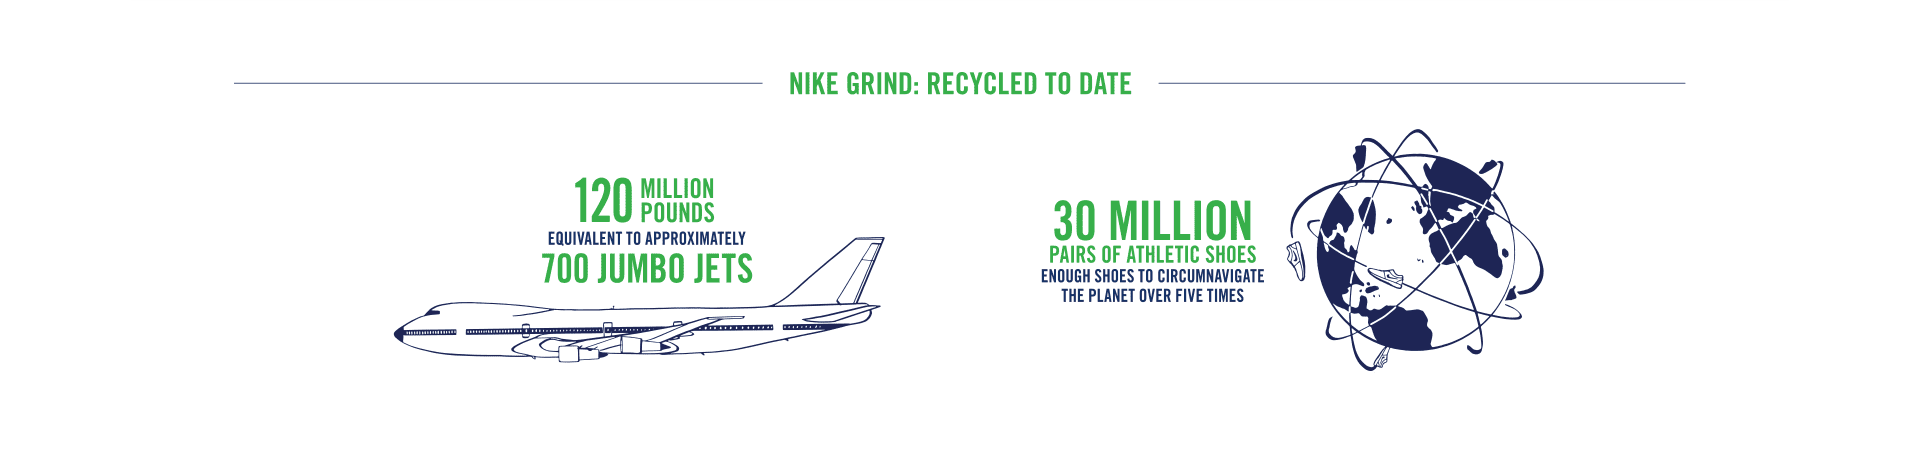 25 Years of Nike Grind | Nike Purpose